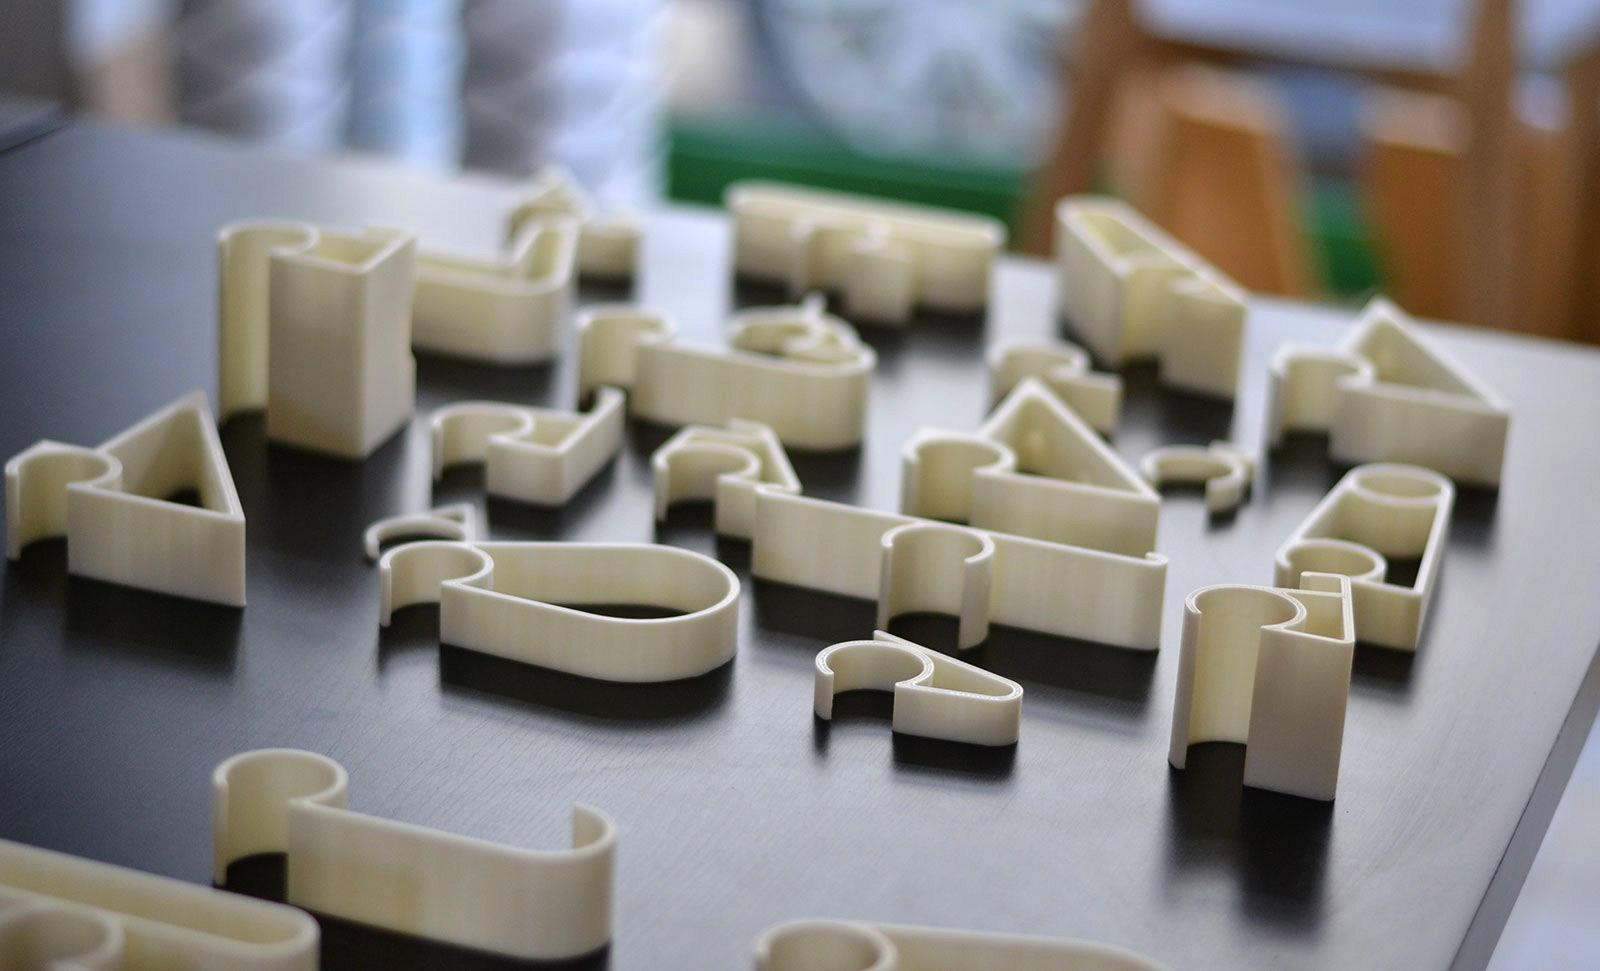 Profil - Les modules sont des profils d'extrusion optimisés pur l'impression 3D